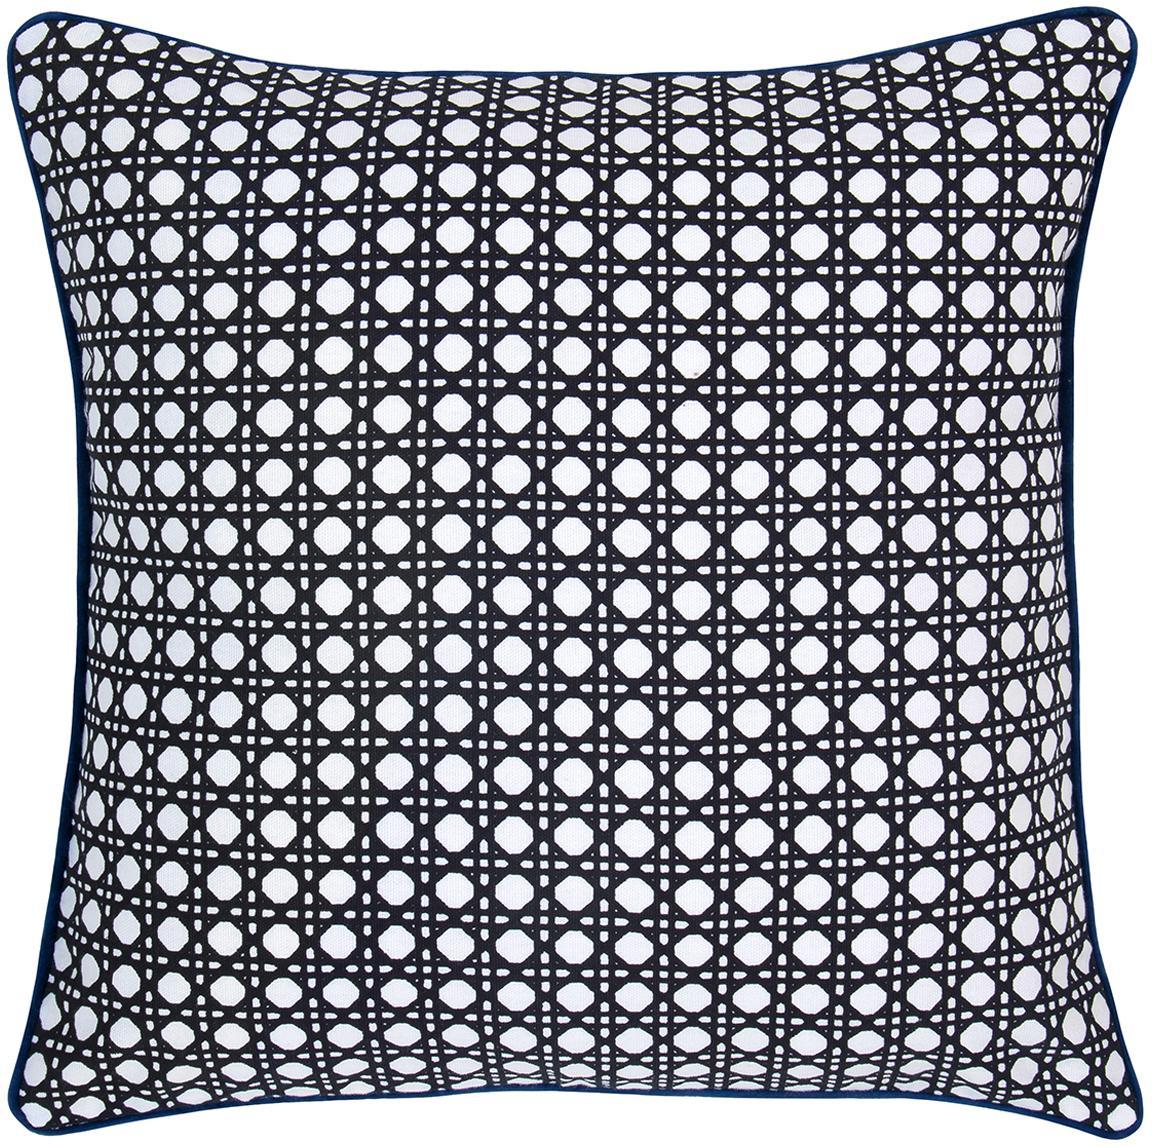 Poszewka na poduszkę z lamówką Eva, Bawełna, Czarny, biały Wykończenie brzegów: ciemny niebieski, S 40 x D 40 cm